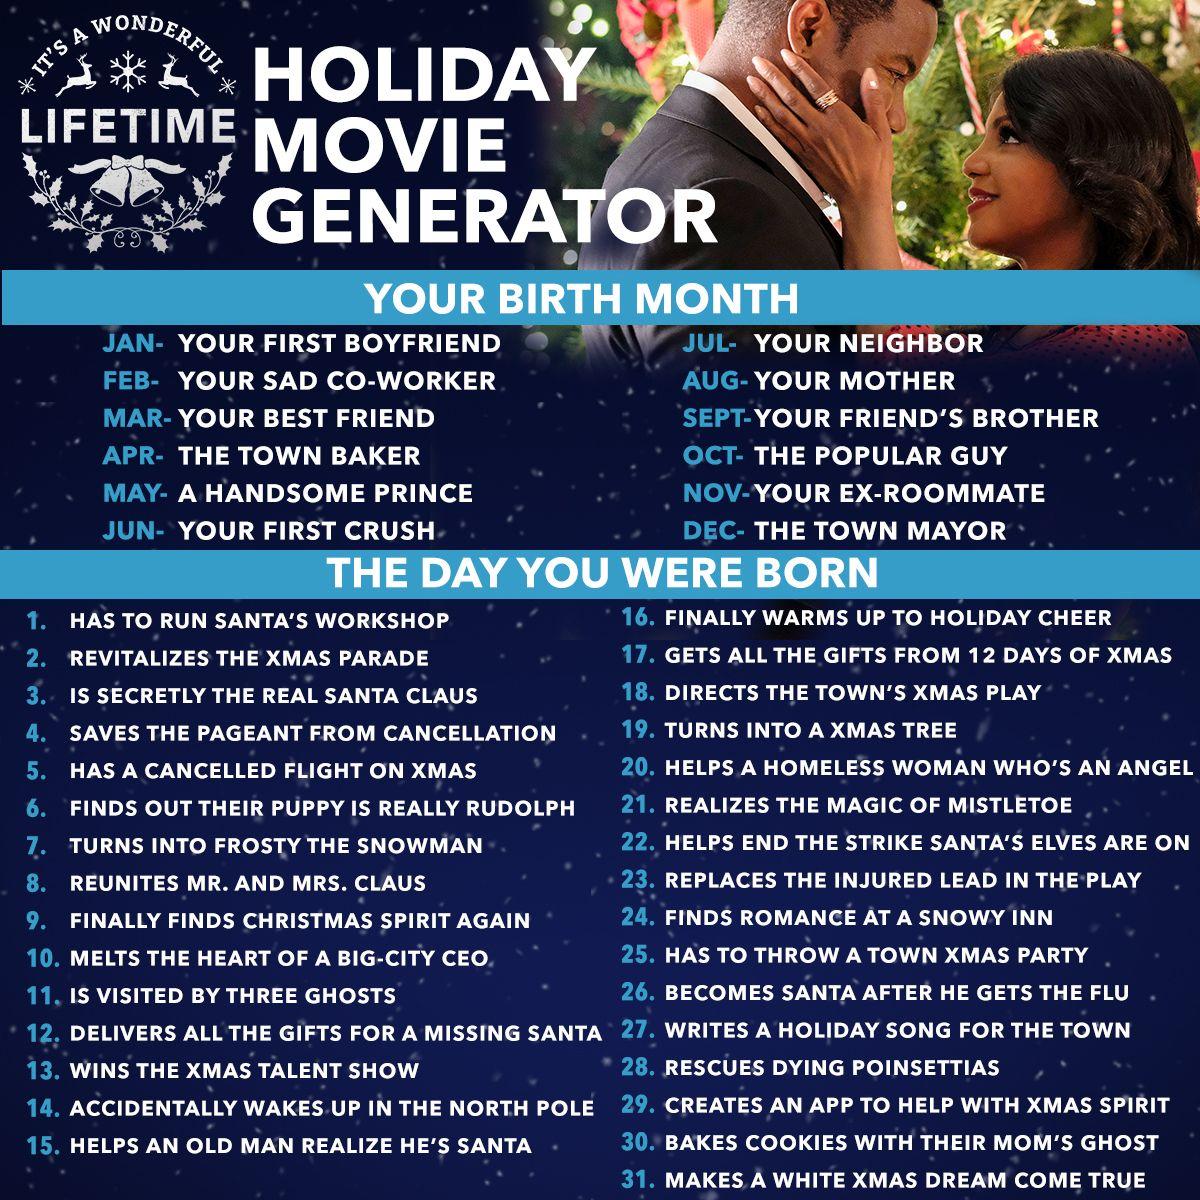 Lifetime Holiday Movie Generator Lifetime Movies Holiday Movie Best Christmas Movies